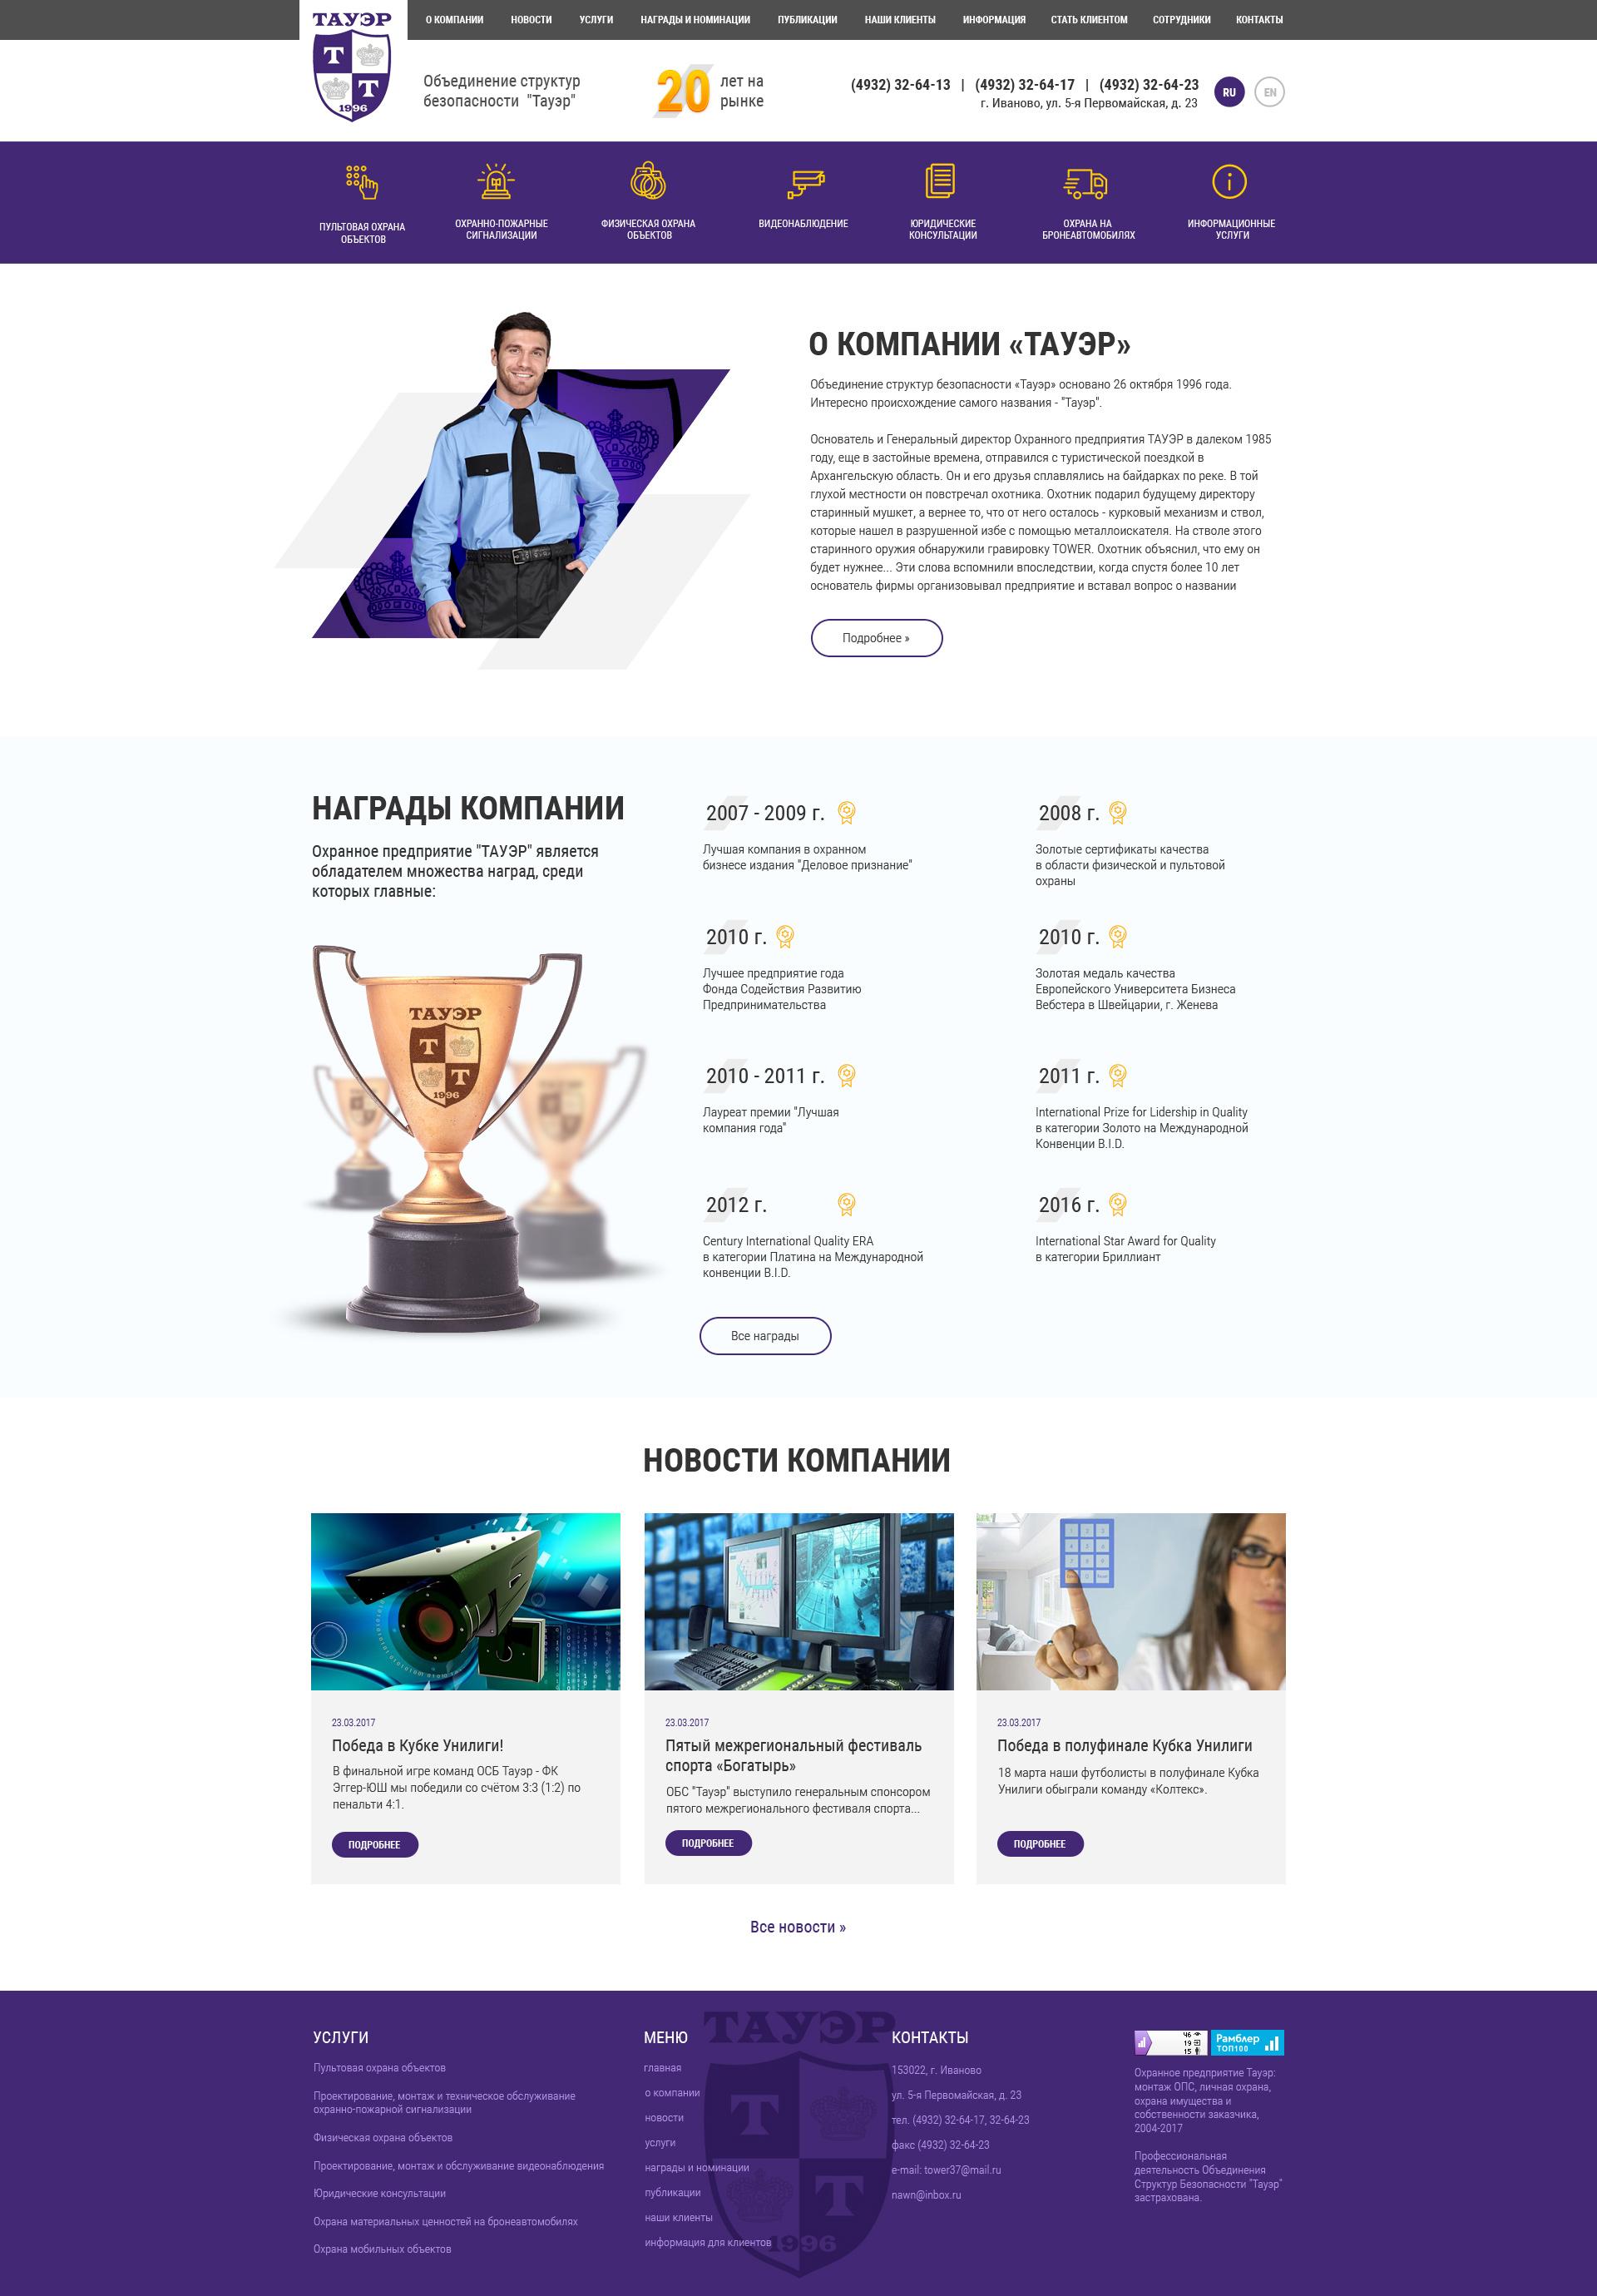 Редизайн существующего сайта компании (ЗАВЕРШЁН) фото f_26458f70cd00527c.jpg